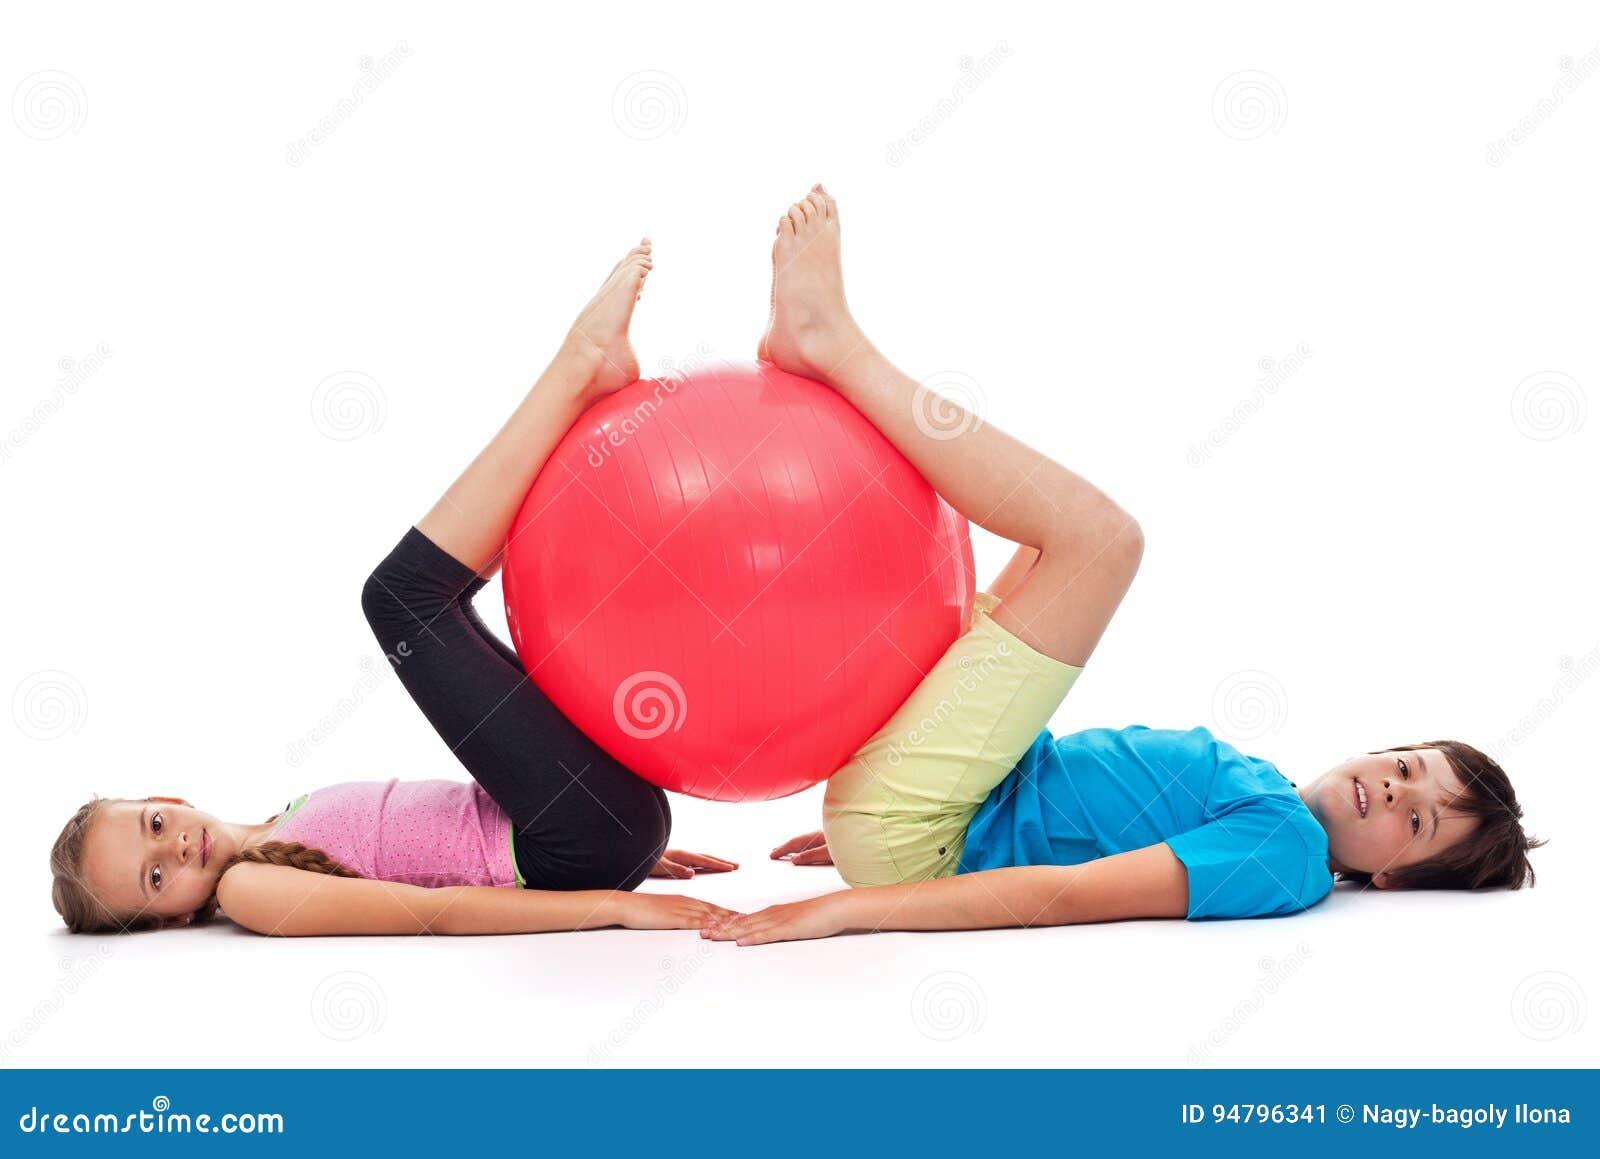 Jeune garçon et fille s exerçant avec une grande boule en caoutchouc gymnastique